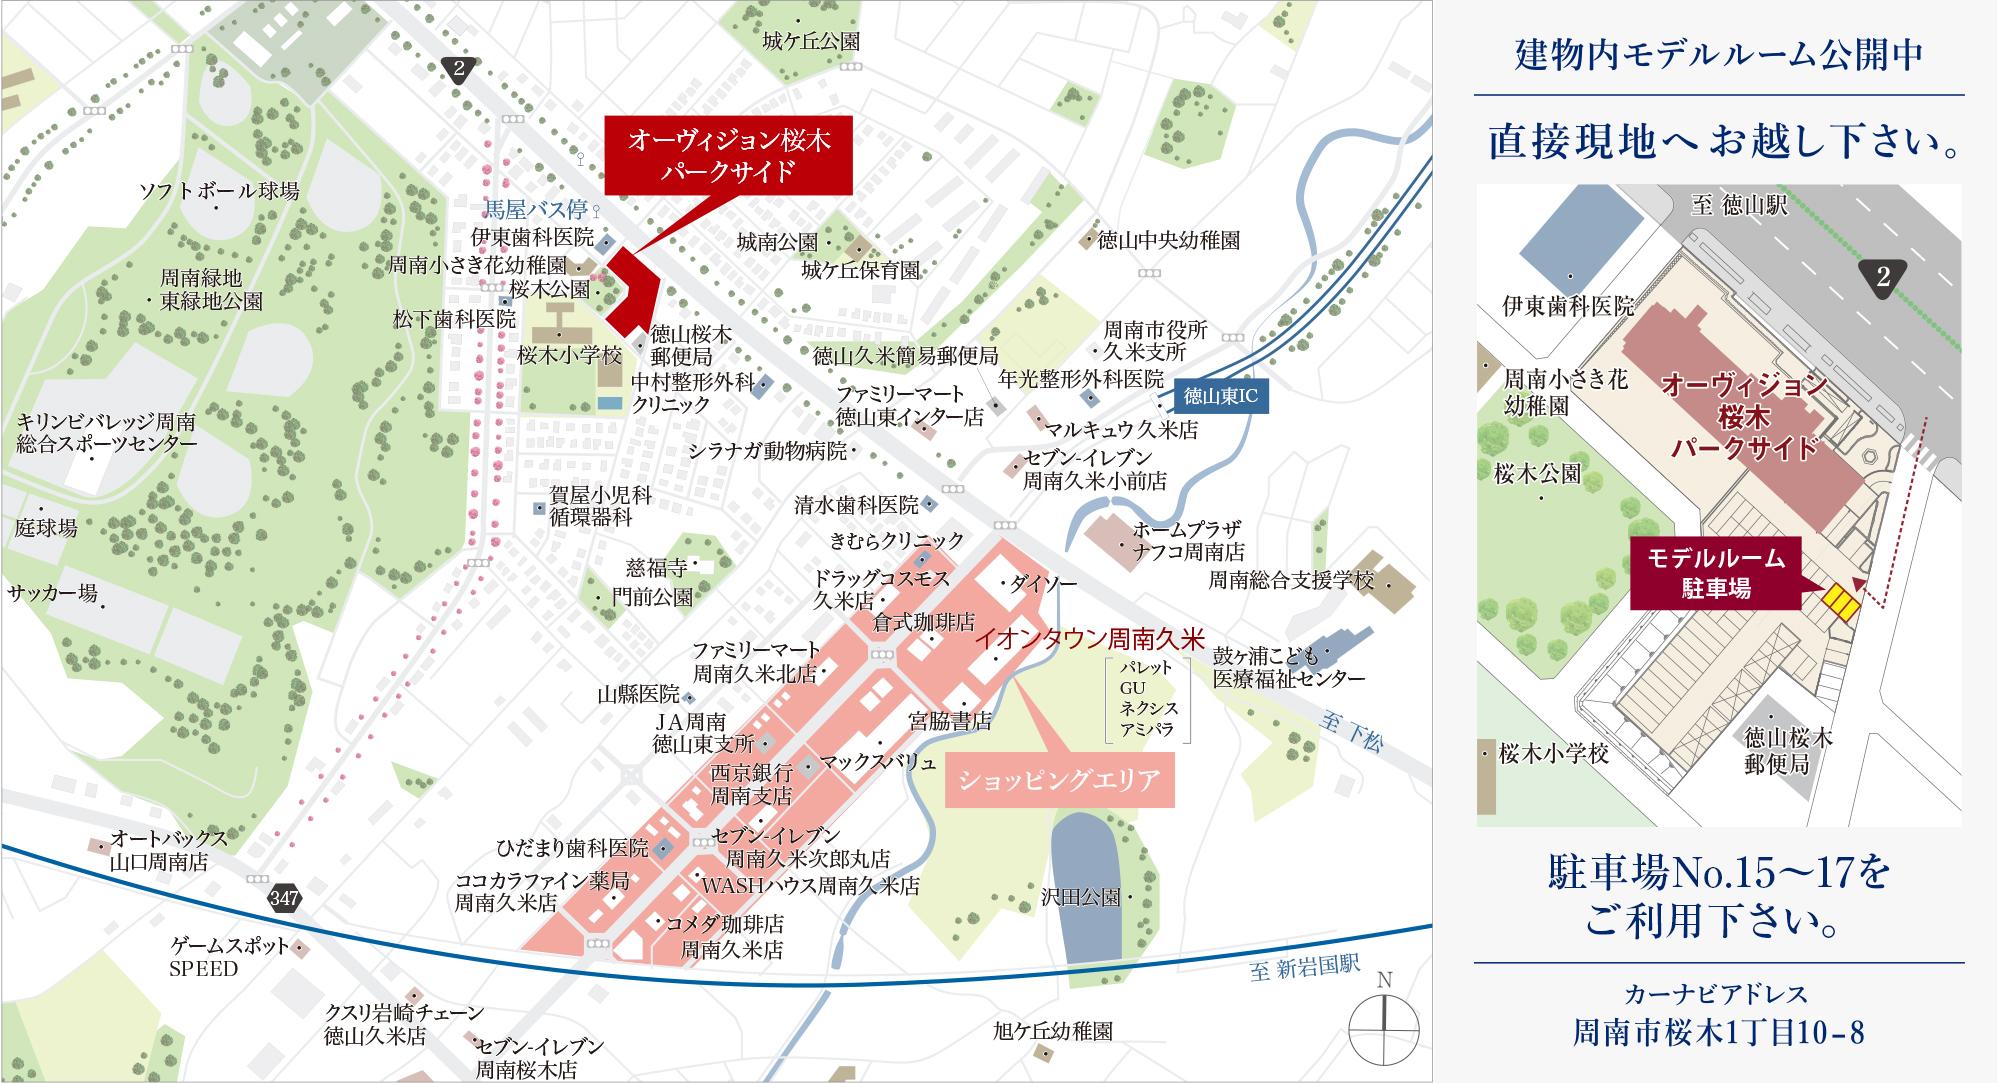 オーヴィジョン桜木パークサイド:モデルルーム地図